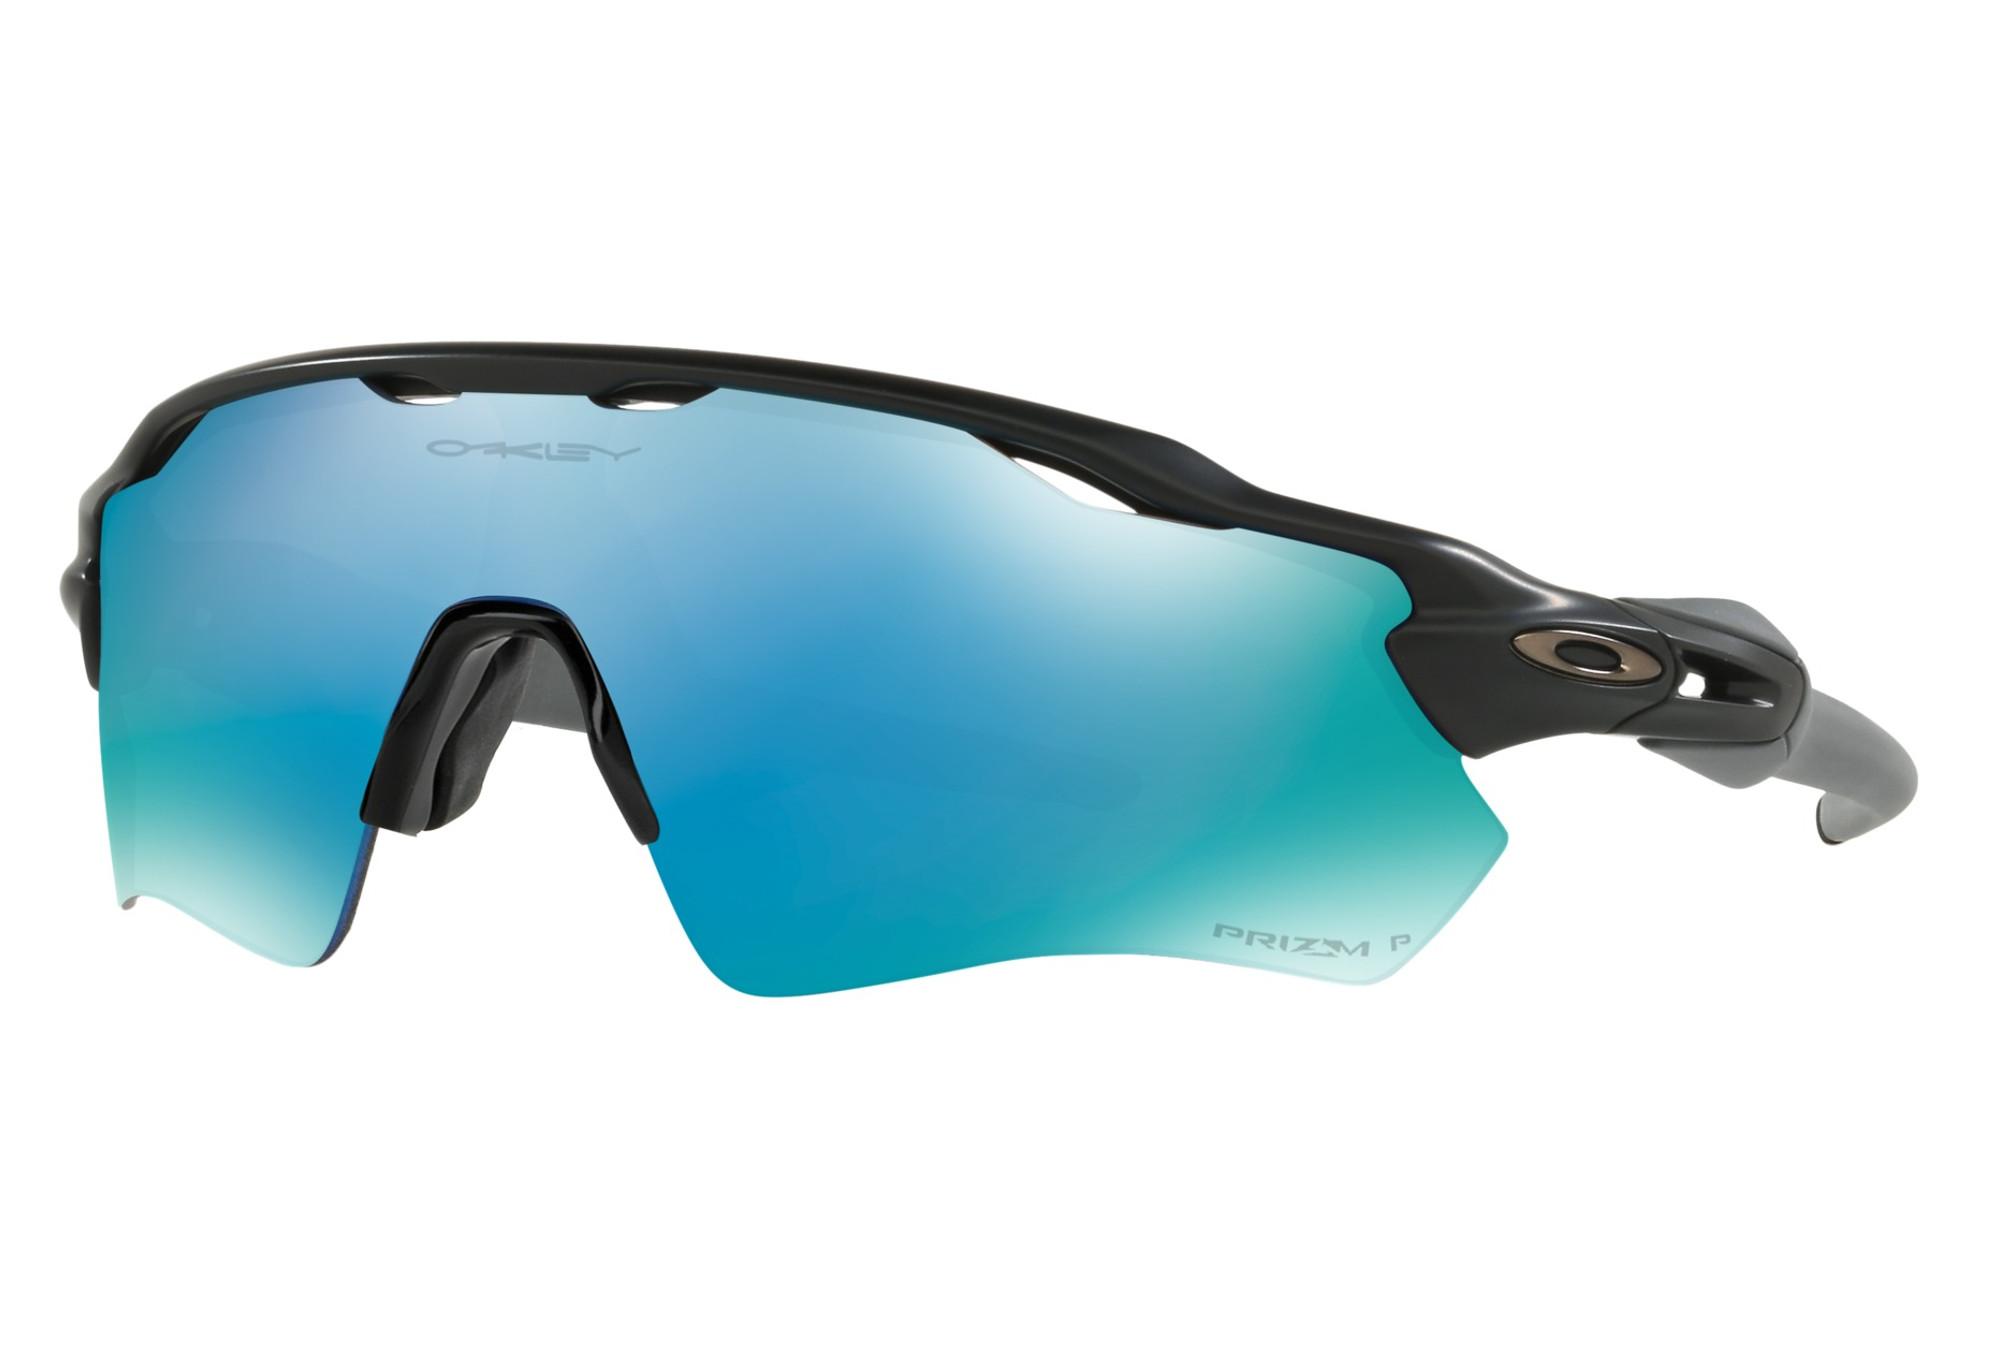 Oakley Radar EV Path Prizm Polarized Sonnenbrille Schwarz/Blau 0Fn2rY6eD